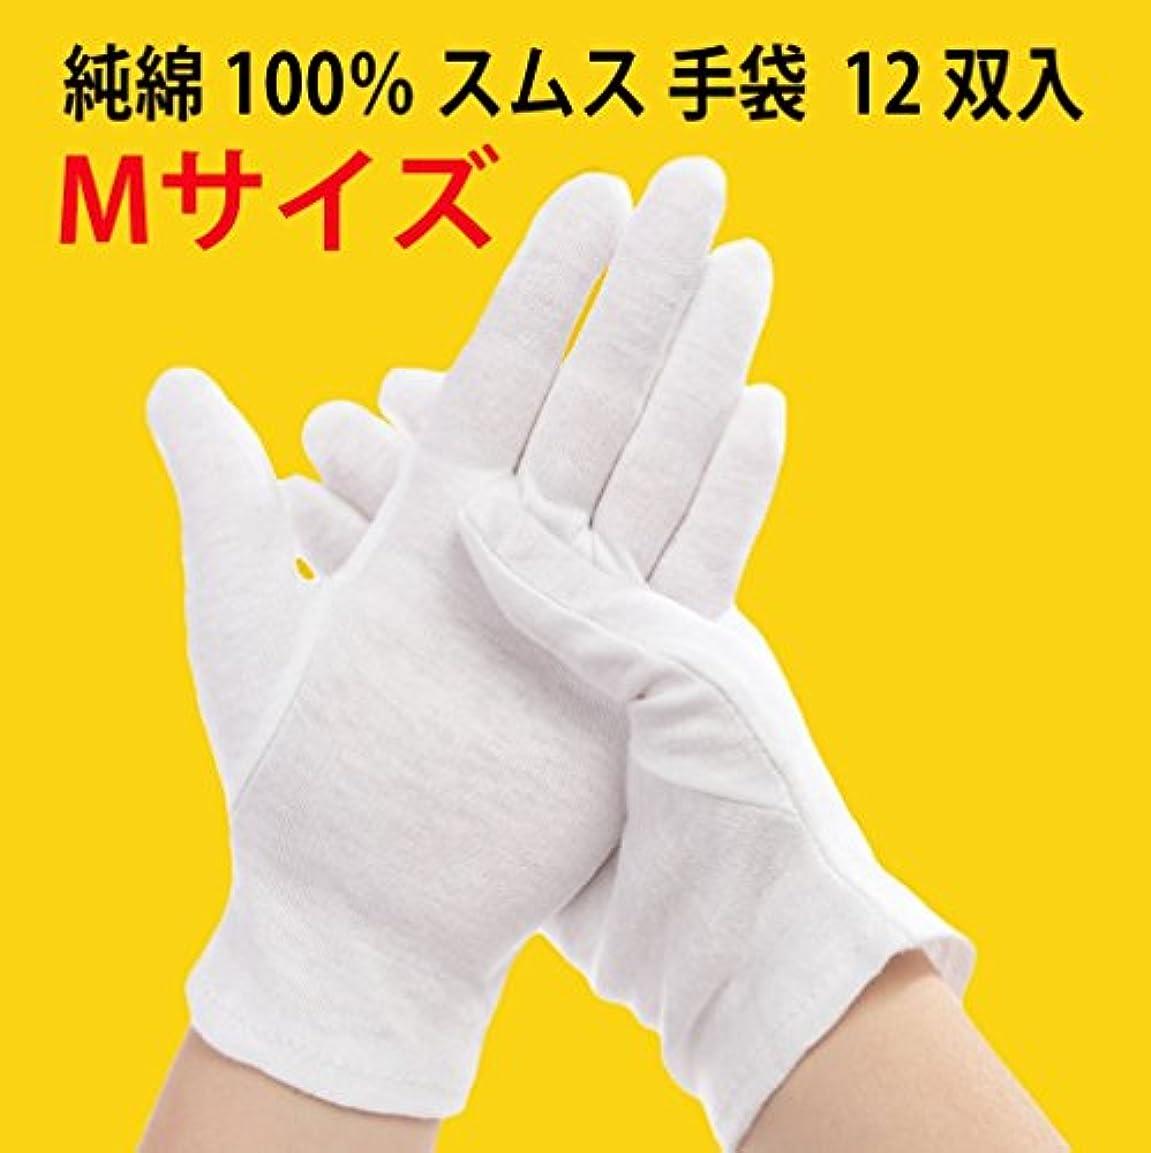 卒業汚れたディスコ純綿100% スムス 手袋 Mサイズ 12双 多用途 101115